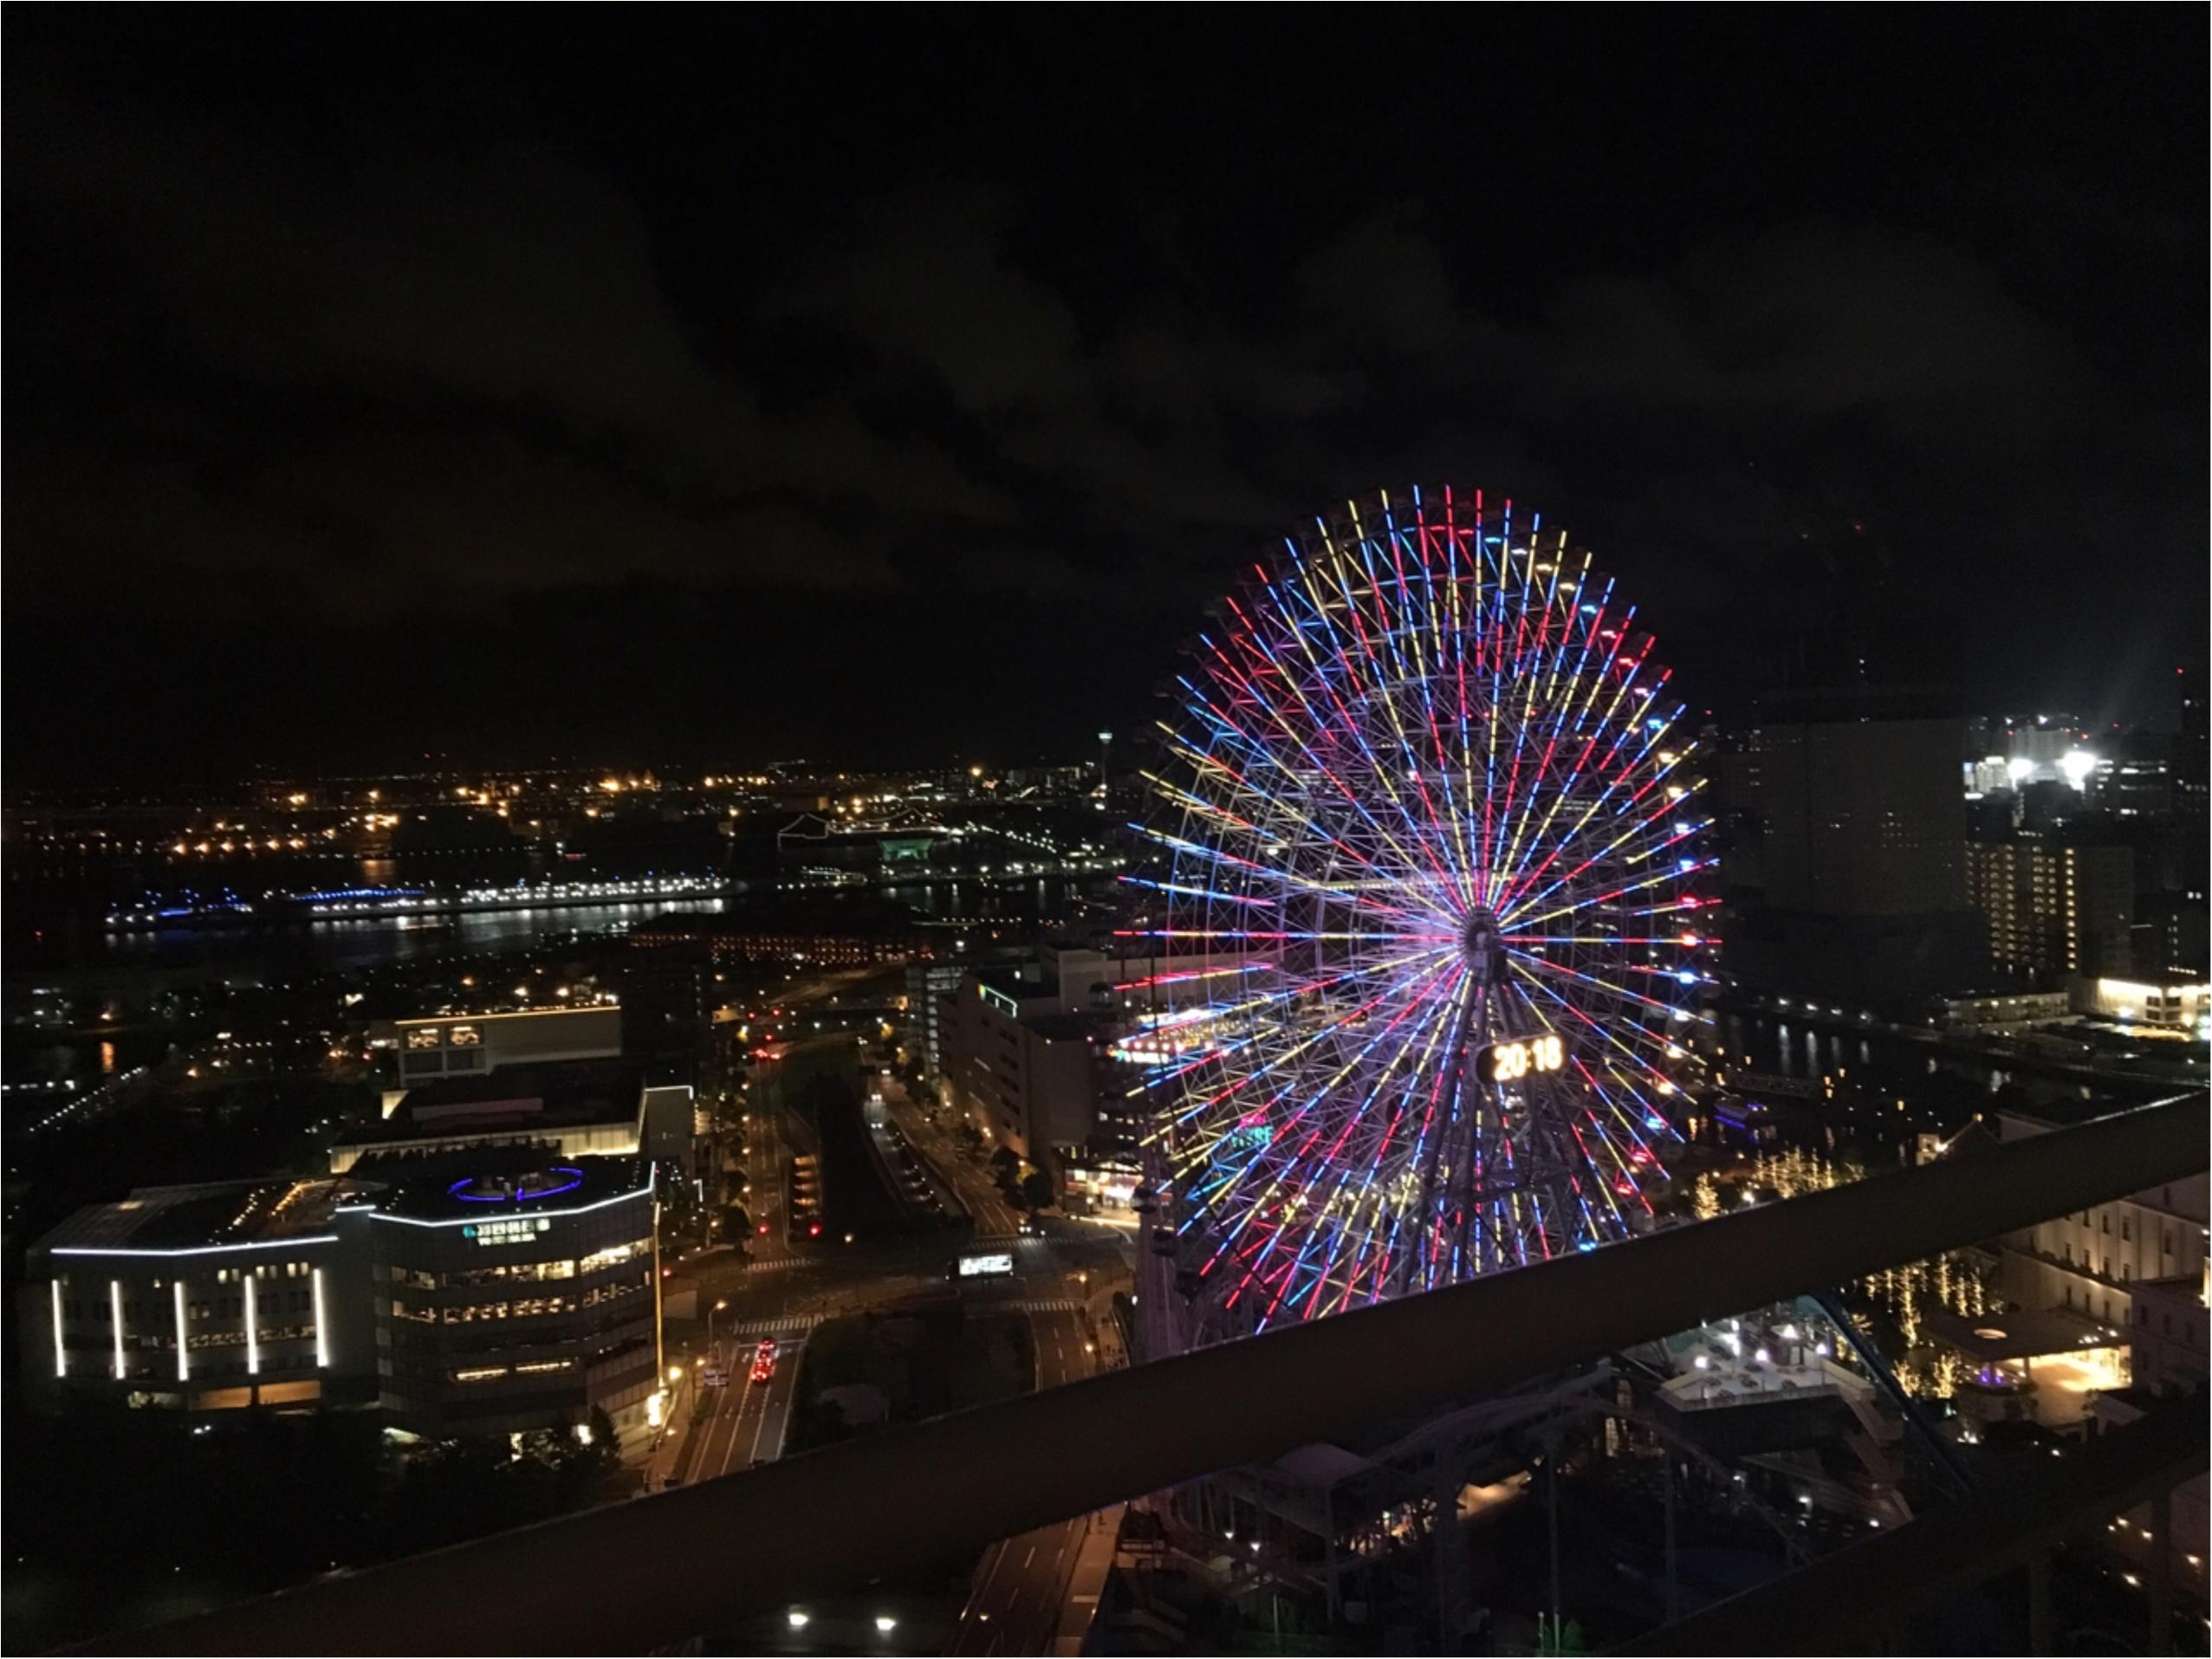 横浜女子旅特集《2019年版》- フォトジェニックな観光スポットから、日本一分厚いパンケーキなど魅力がいっぱい!_53